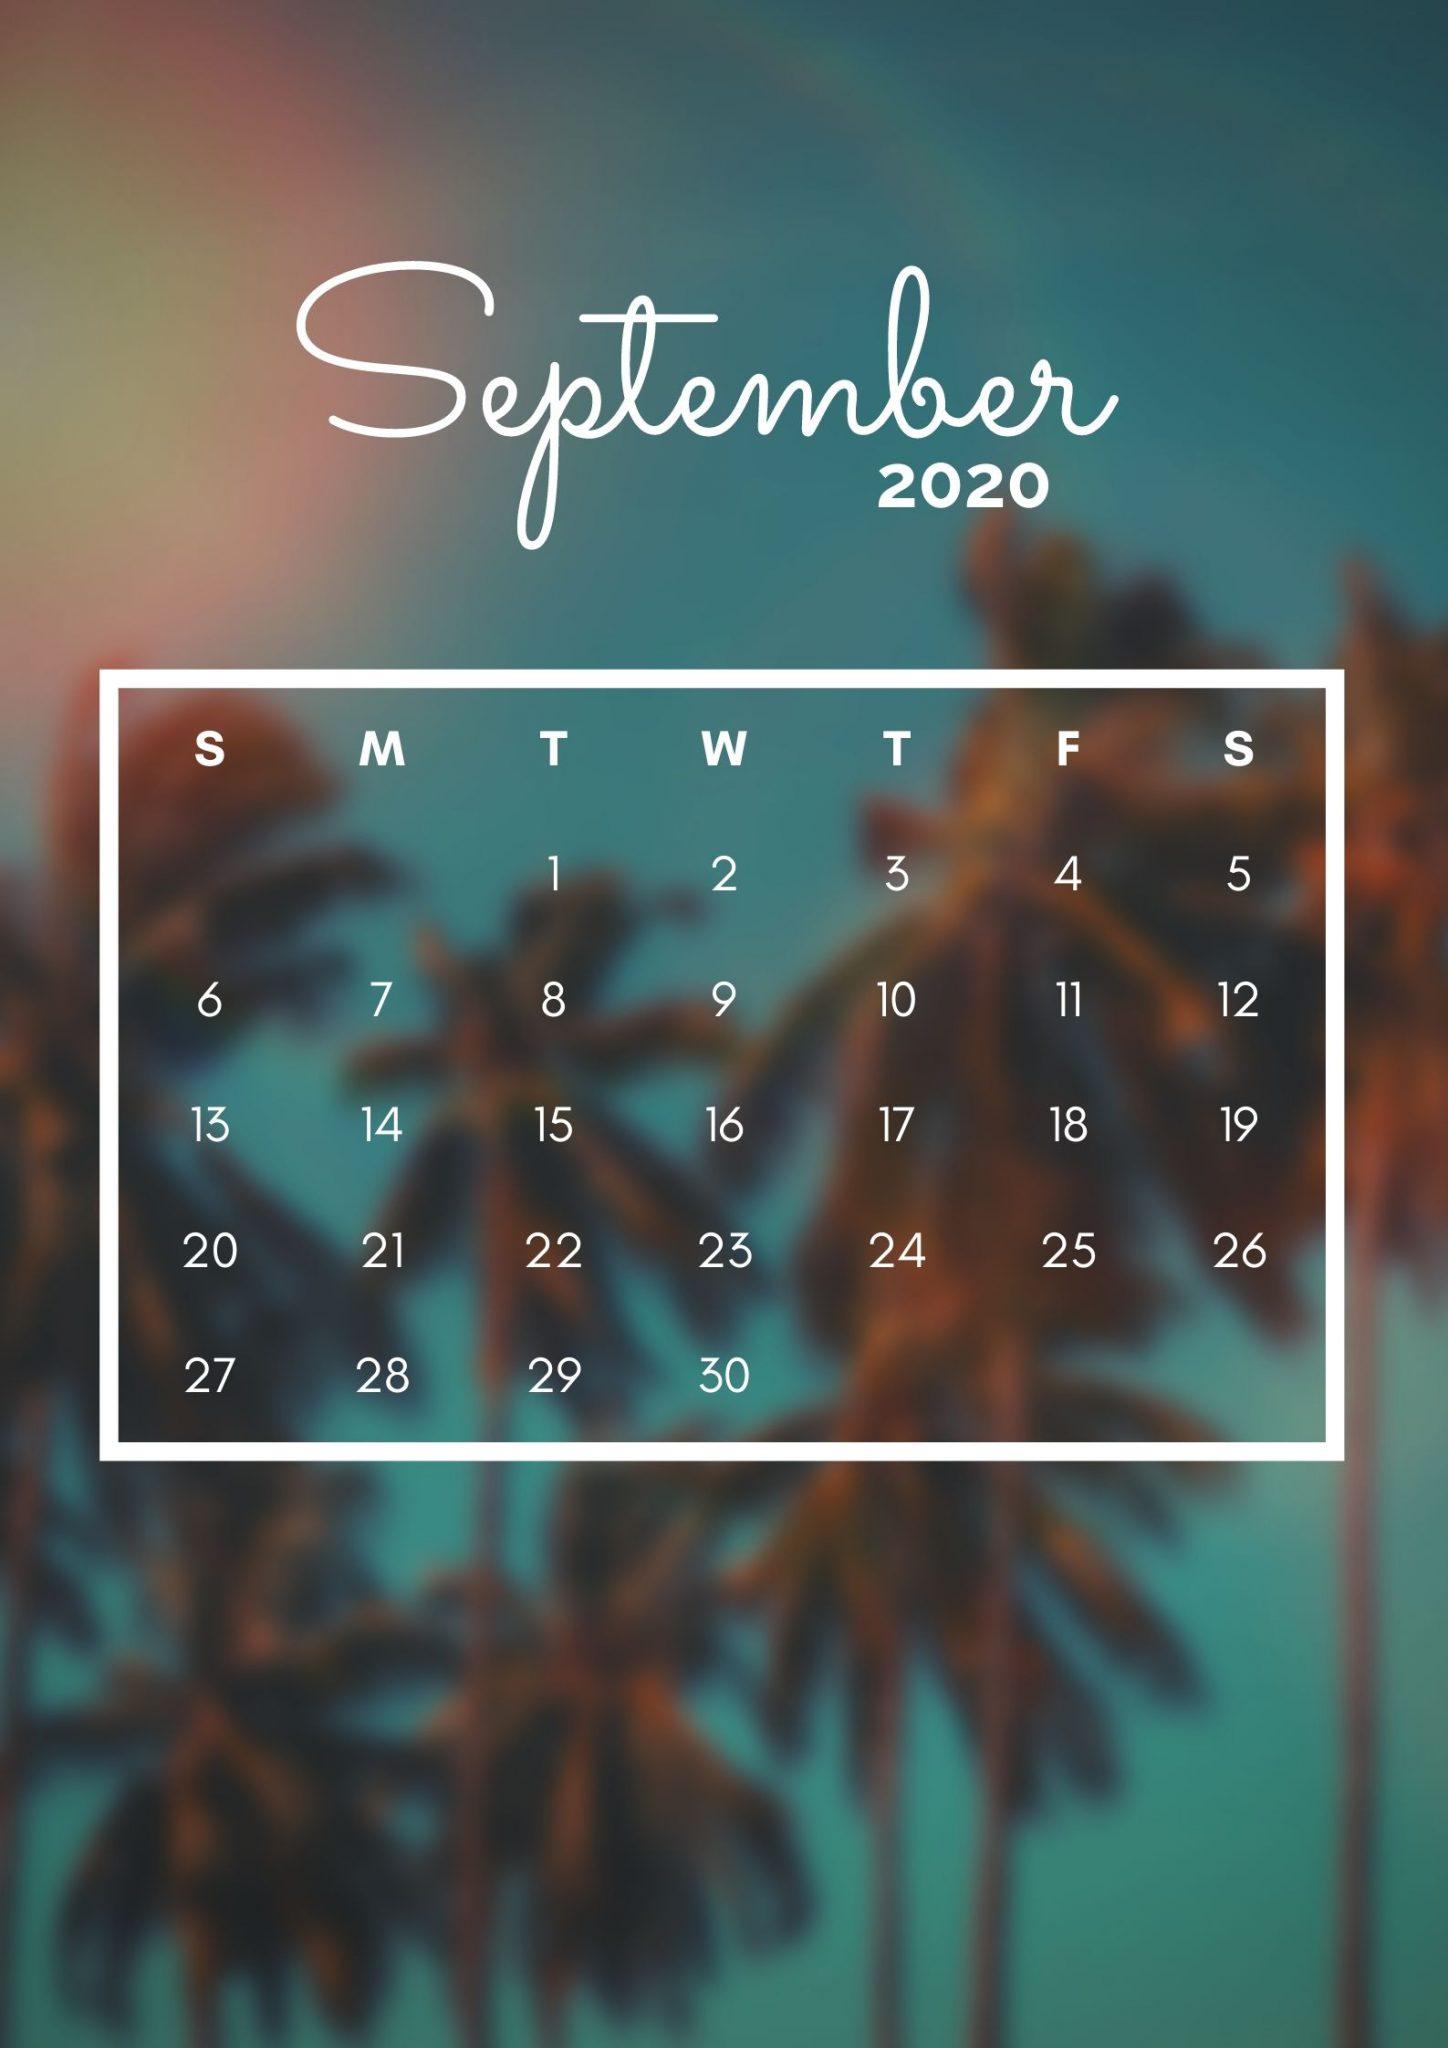 iPhone September 2020 Calendar Wallpapers